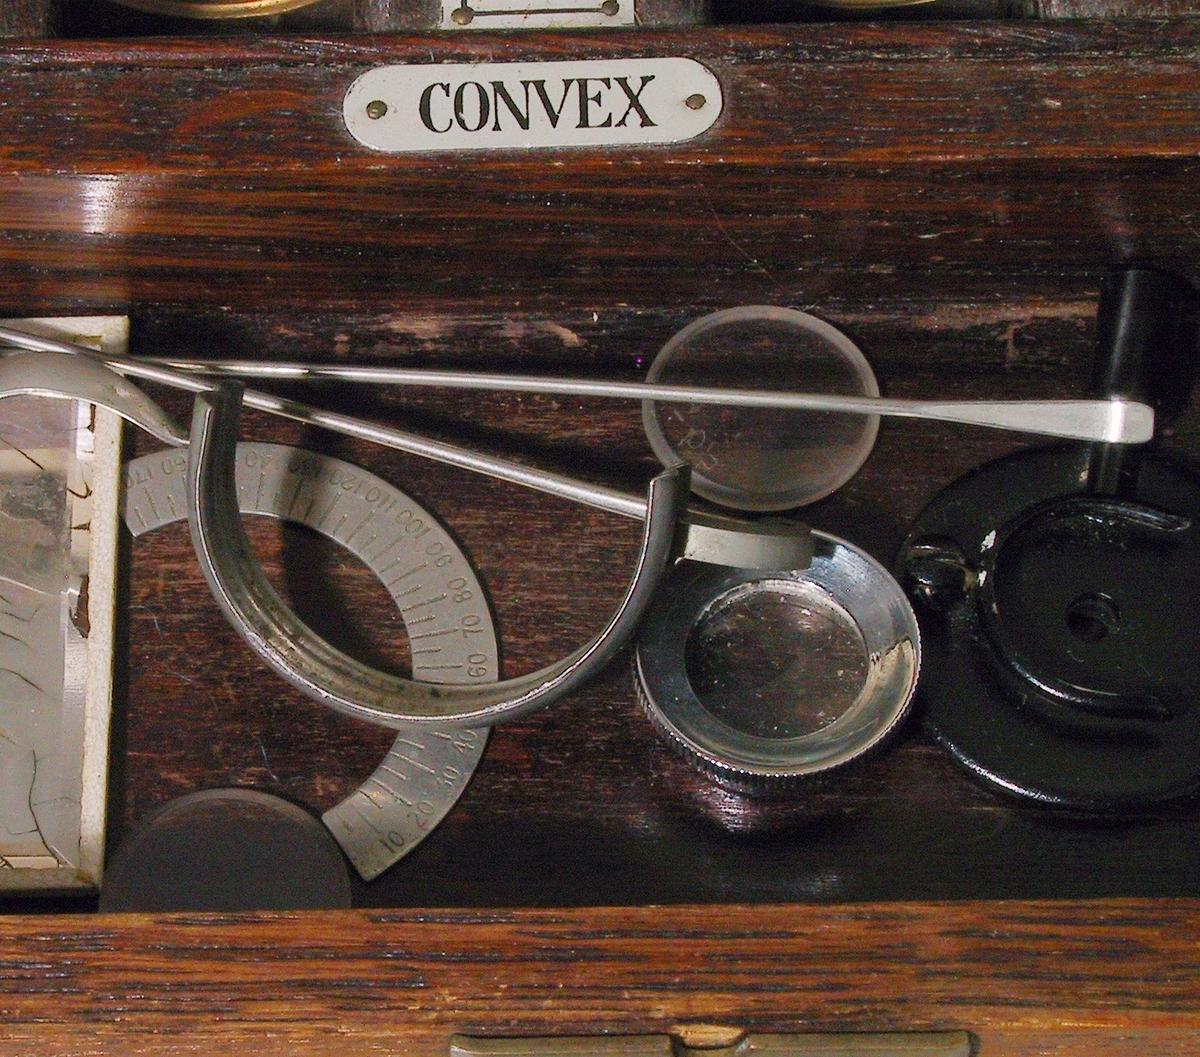 """Etuiet er sinket sammen i hjørnene, fast """"innredning"""" for brilleglass m.m. er trolig limt fast. Skrudde hengsler for lokk. Etuiets lokk er polstret innvendig.  Euiet inneholder: 15 par konkave utskiftbare brilleglass, 15 par konvekse utskiftbare brilleglass, 13 prismeglass (opprinnelig 15?), 6 stk fargede brilleglass, 5 stk. sorte skiver (m.spalte, små hull m.m.) 1 stk. brille m. plass til utskiftbare brilleglass m.m. 1 stk. speilglass, m.m."""